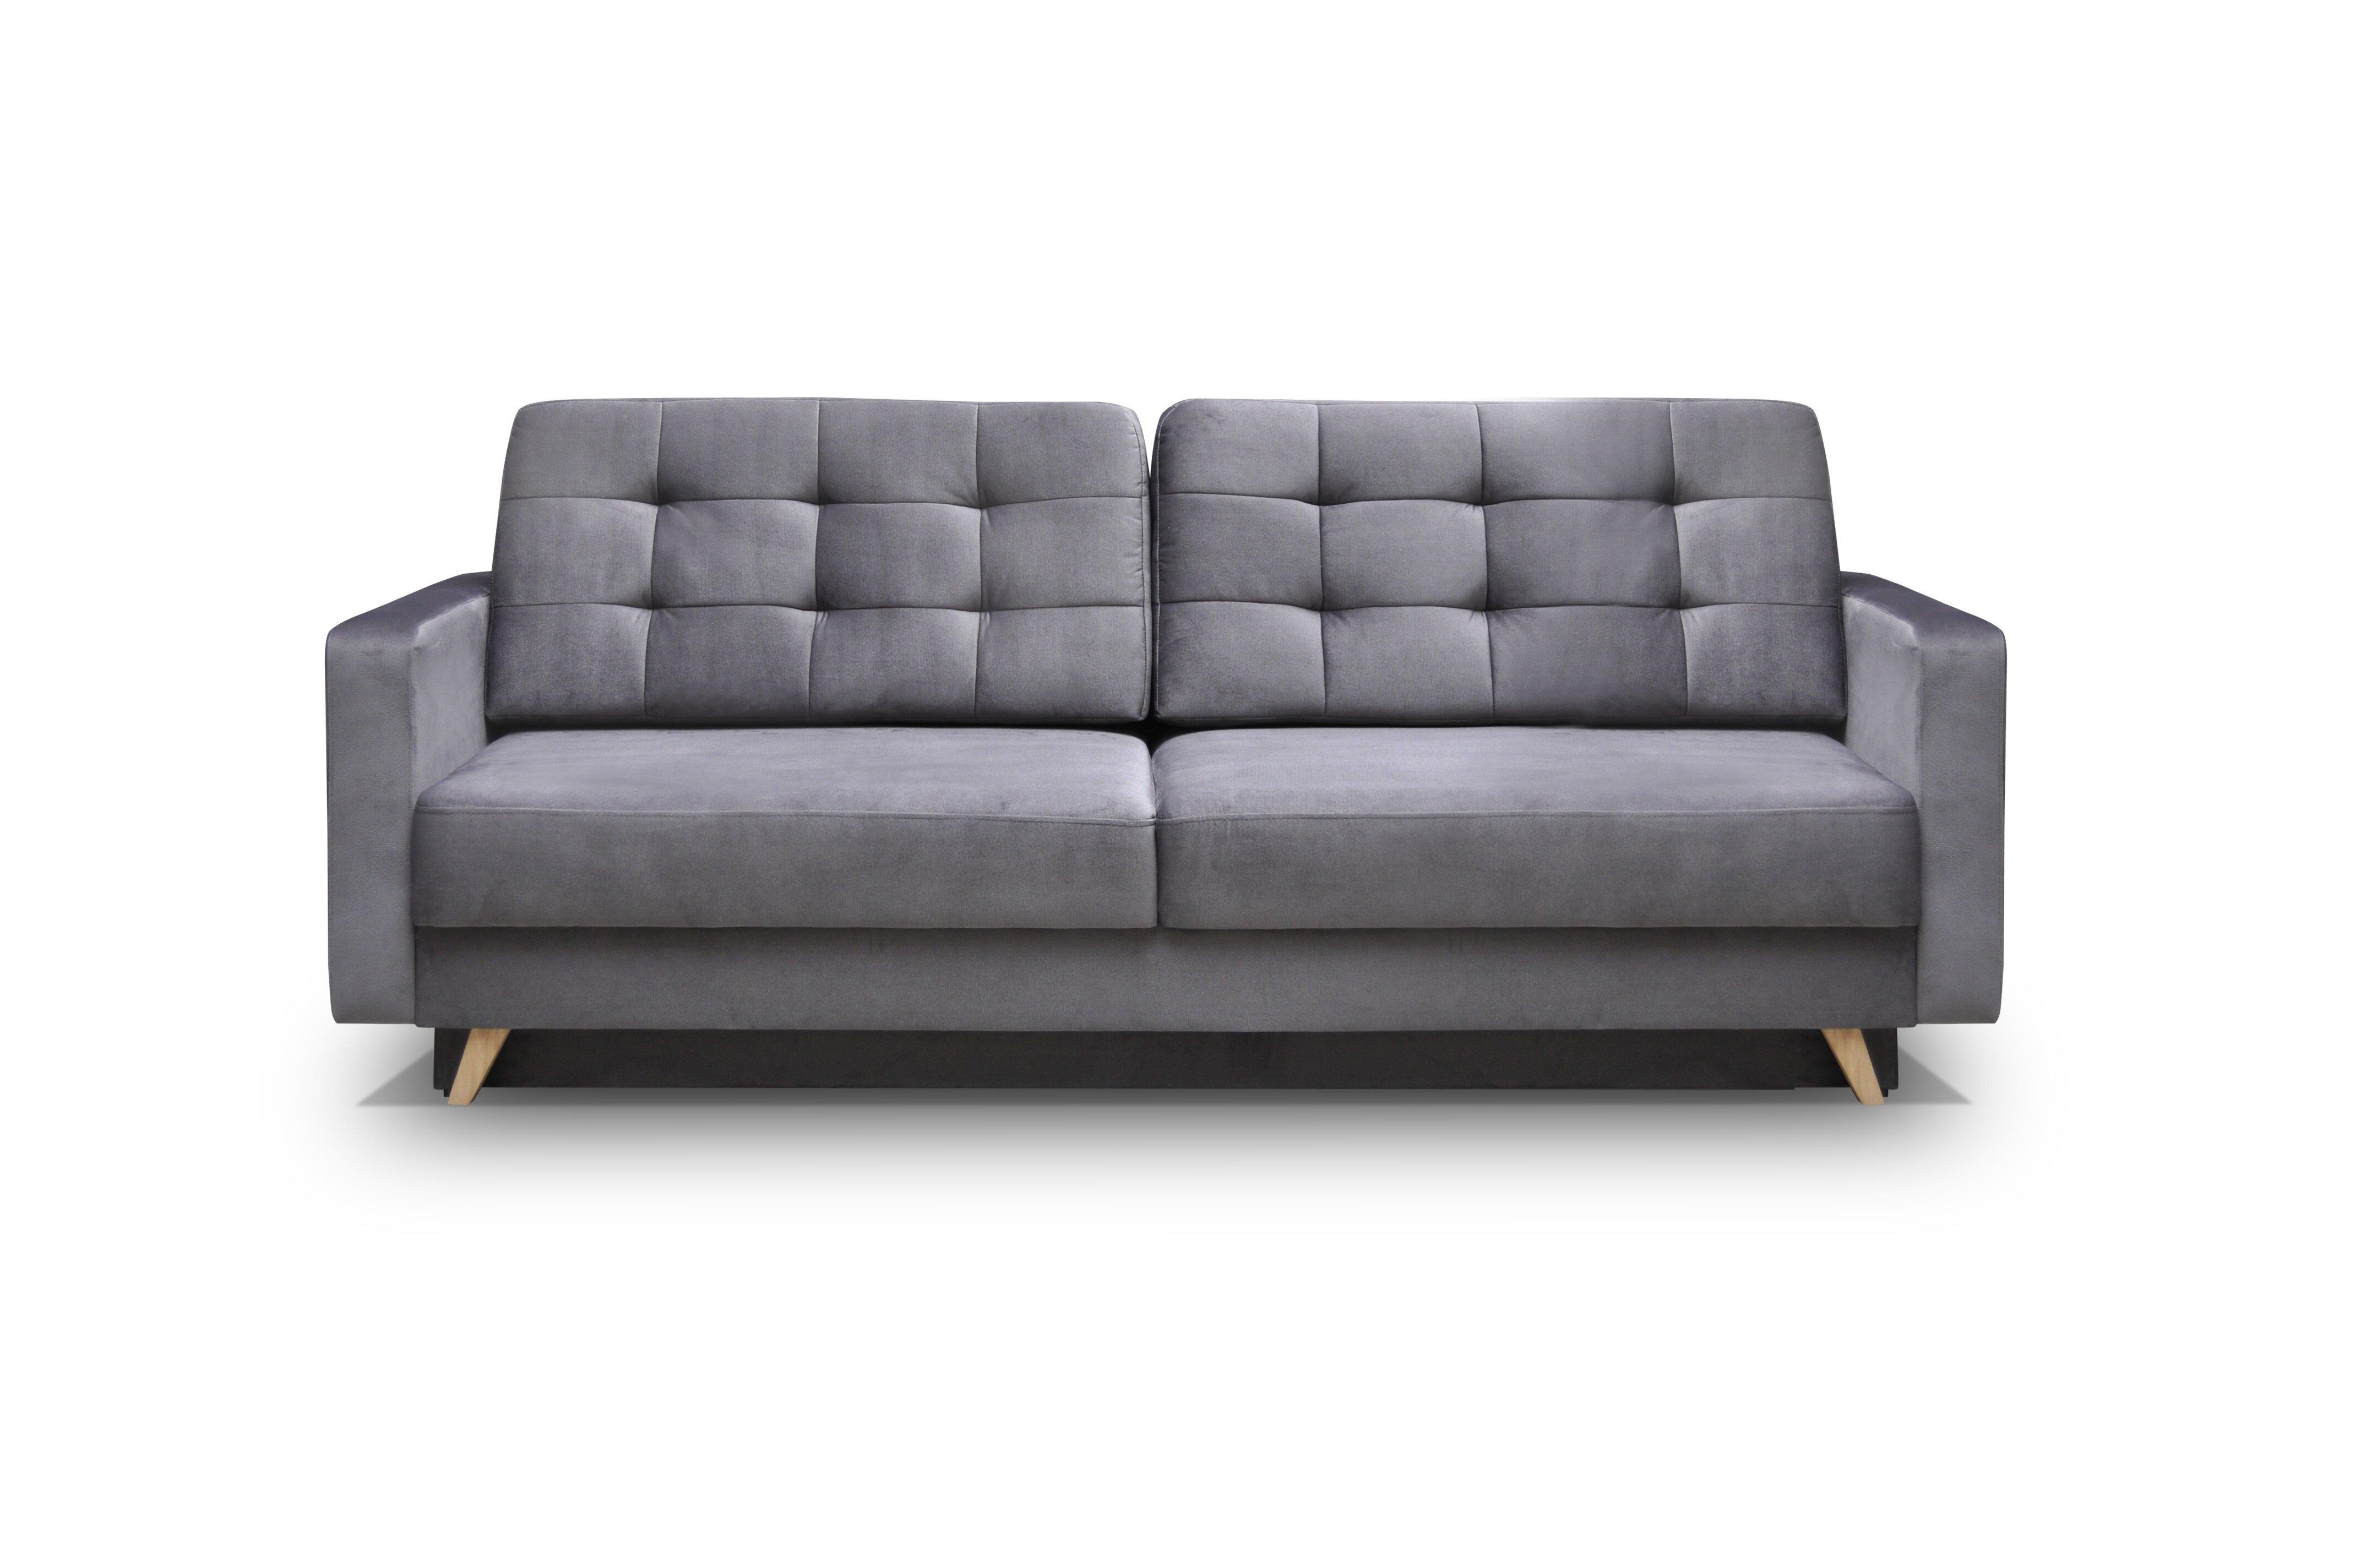 George Oliver Vegas Sofa 90 Square Arm